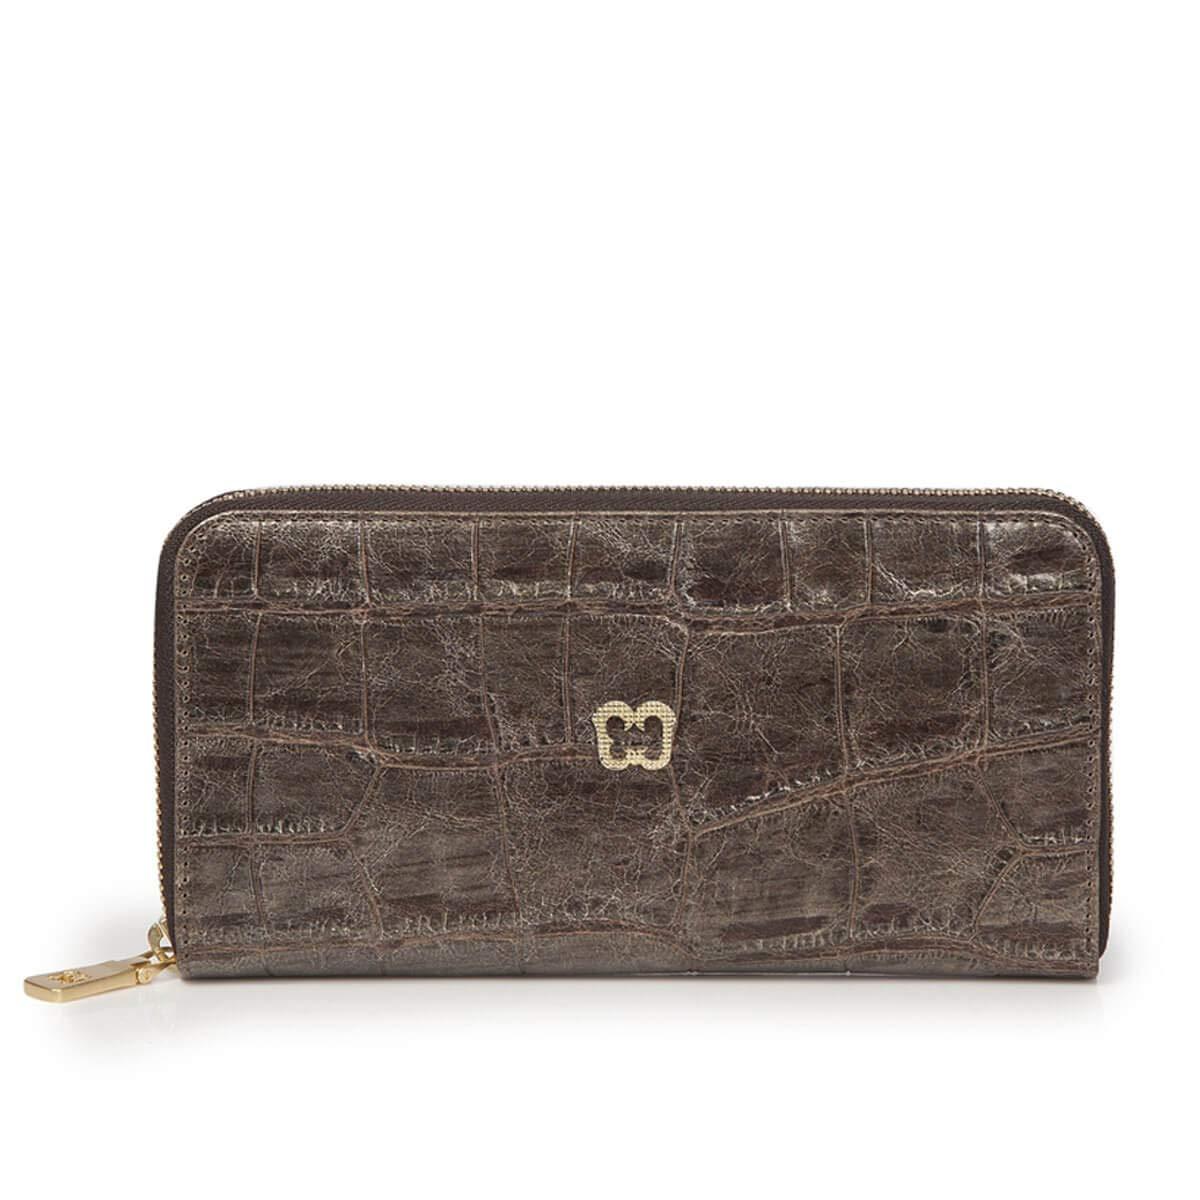 Eric Javits Luxury Fashion Designer Women's Handbag  Zip Wallet  Pewter